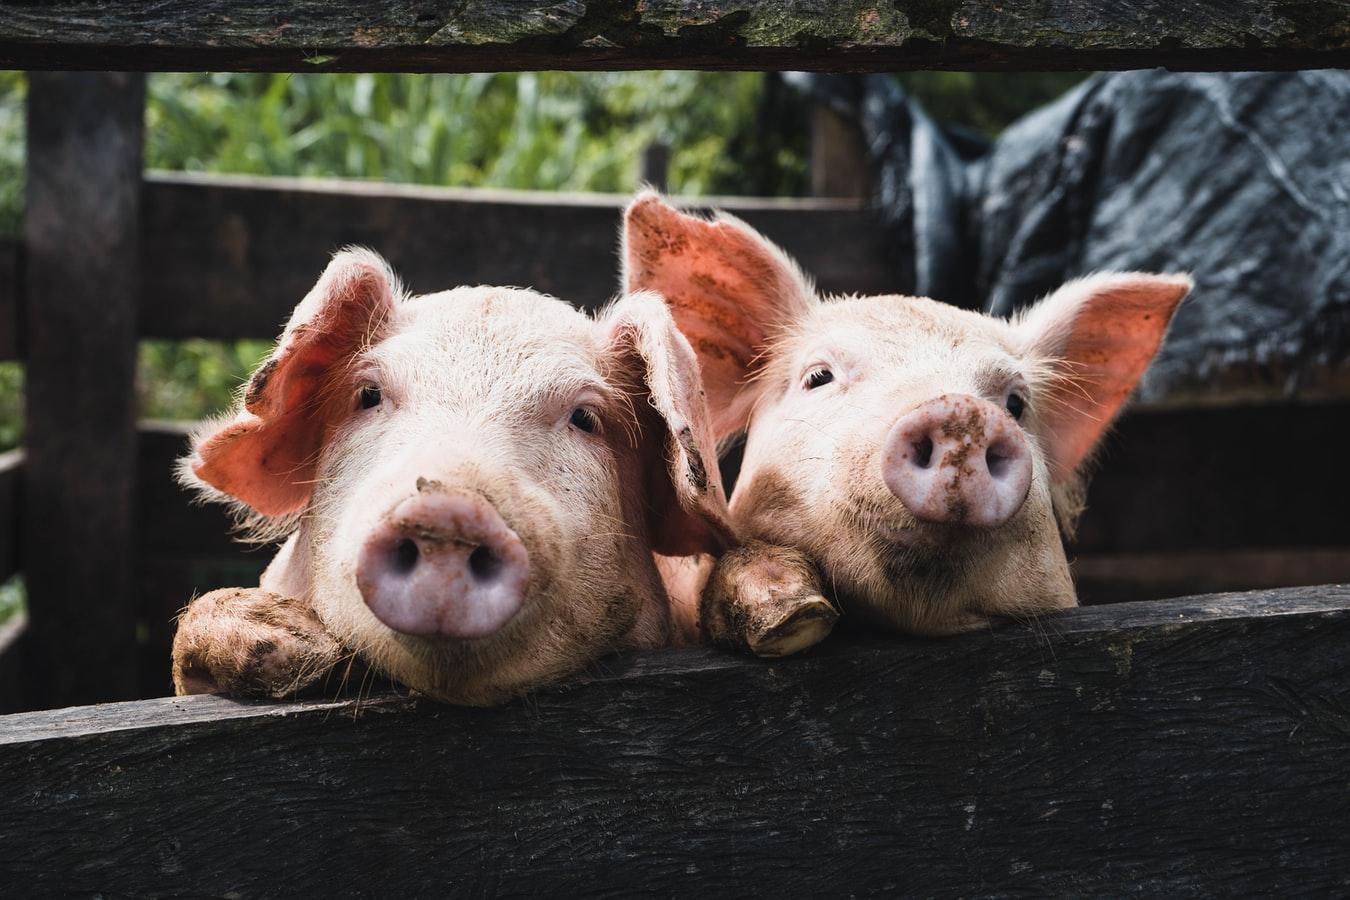 非洲猪瘟病毒变异,澳洲兽医官称可能是使用非法疫苗所致